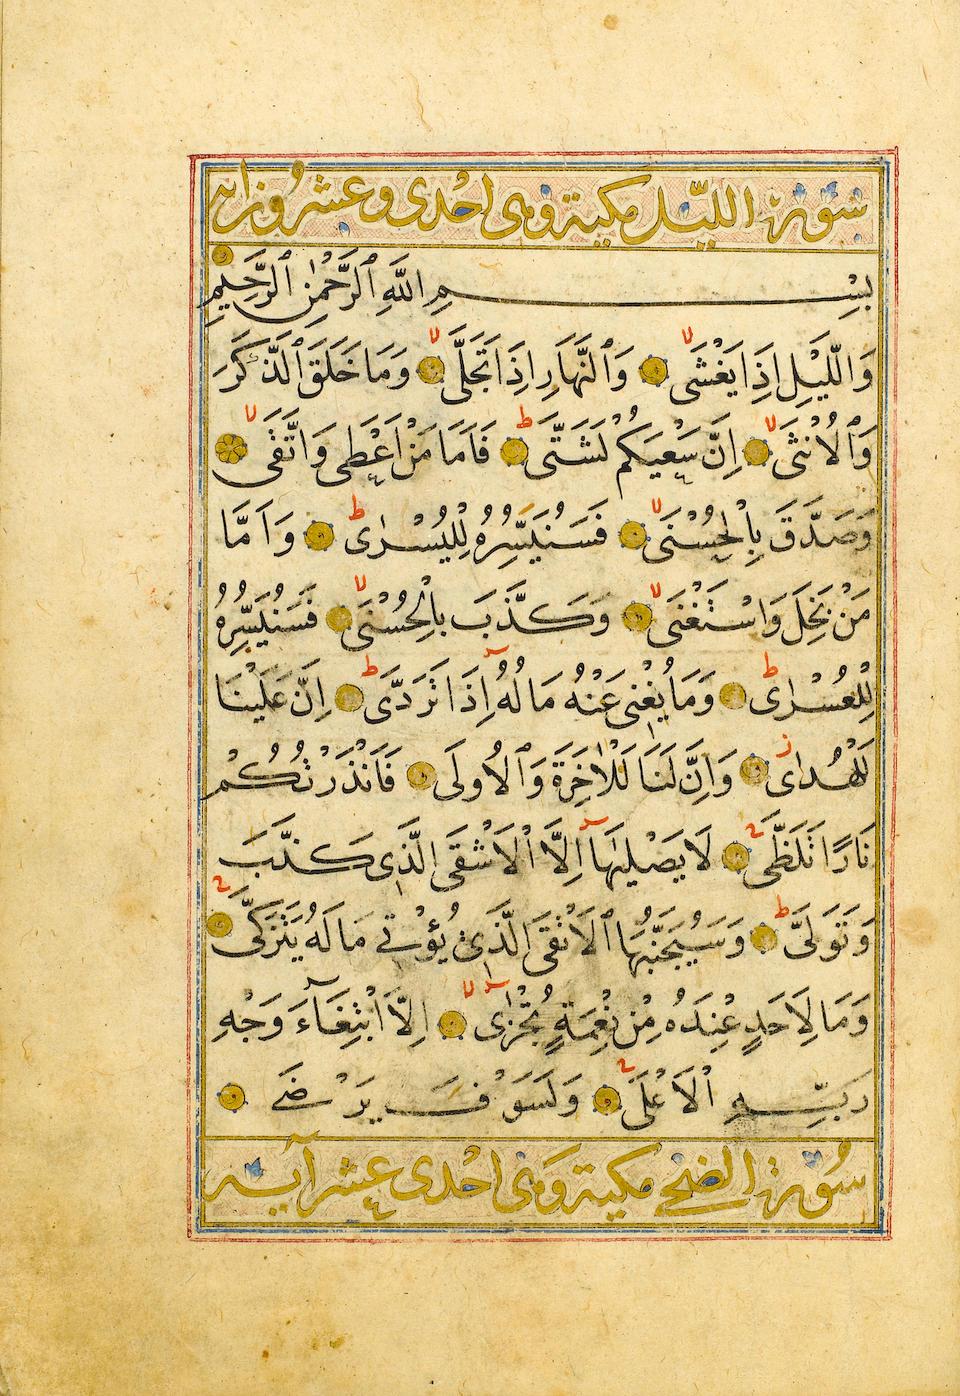 A Qur'an, copied by Shaykh Hamdullah, known as Ibn al-Shaykh al-Amasi (b. 1429/1456) Ottoman Turkey, late 15th Century